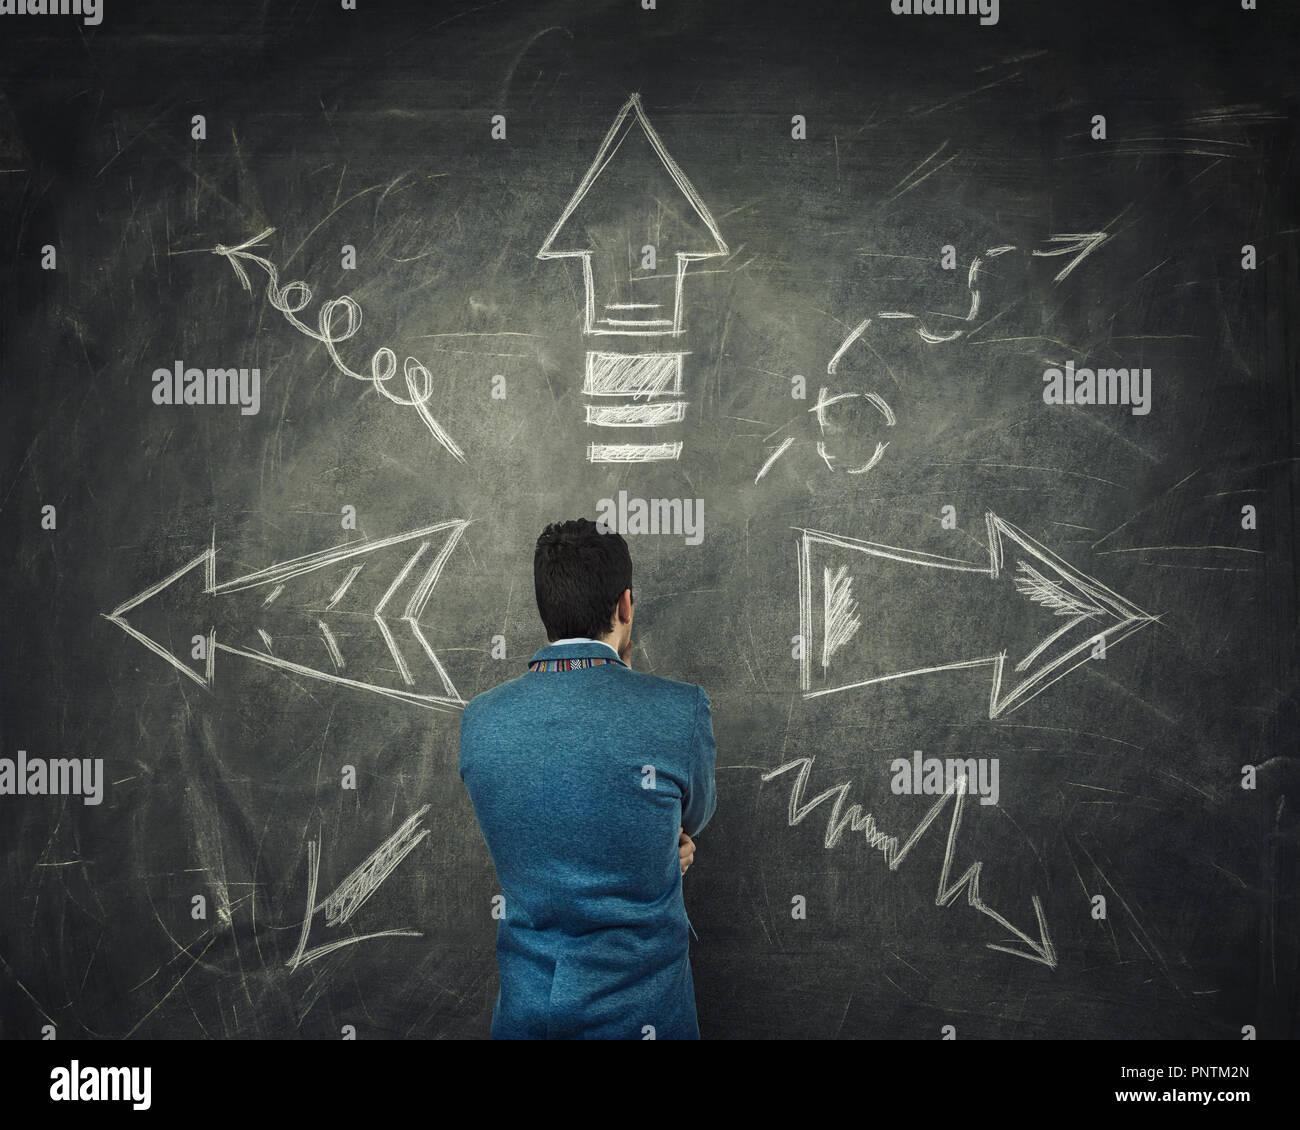 Vue arrière du pensive businessman thinking in front of a grand tableau noir avec des flèches a fait à des directions différentes. Choix difficile, décide quels wa Photo Stock